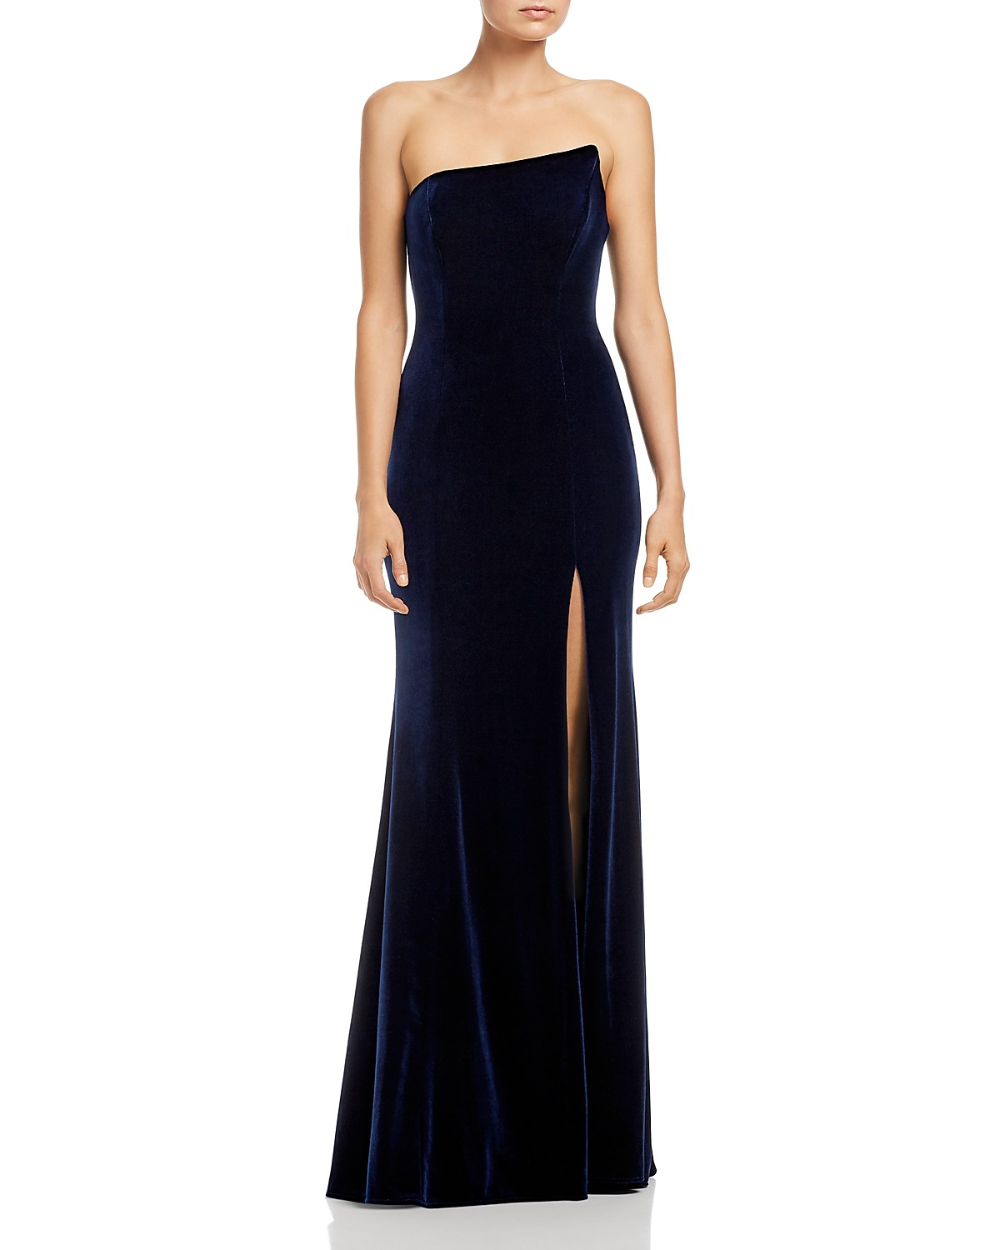 Aqua Asymmetric Strapless Velvet Gown 100 Exclusive Women Bloomingdale S Velvet Gown Elegant Dresses For Women Velvet Prom Dress [ 1250 x 1000 Pixel ]